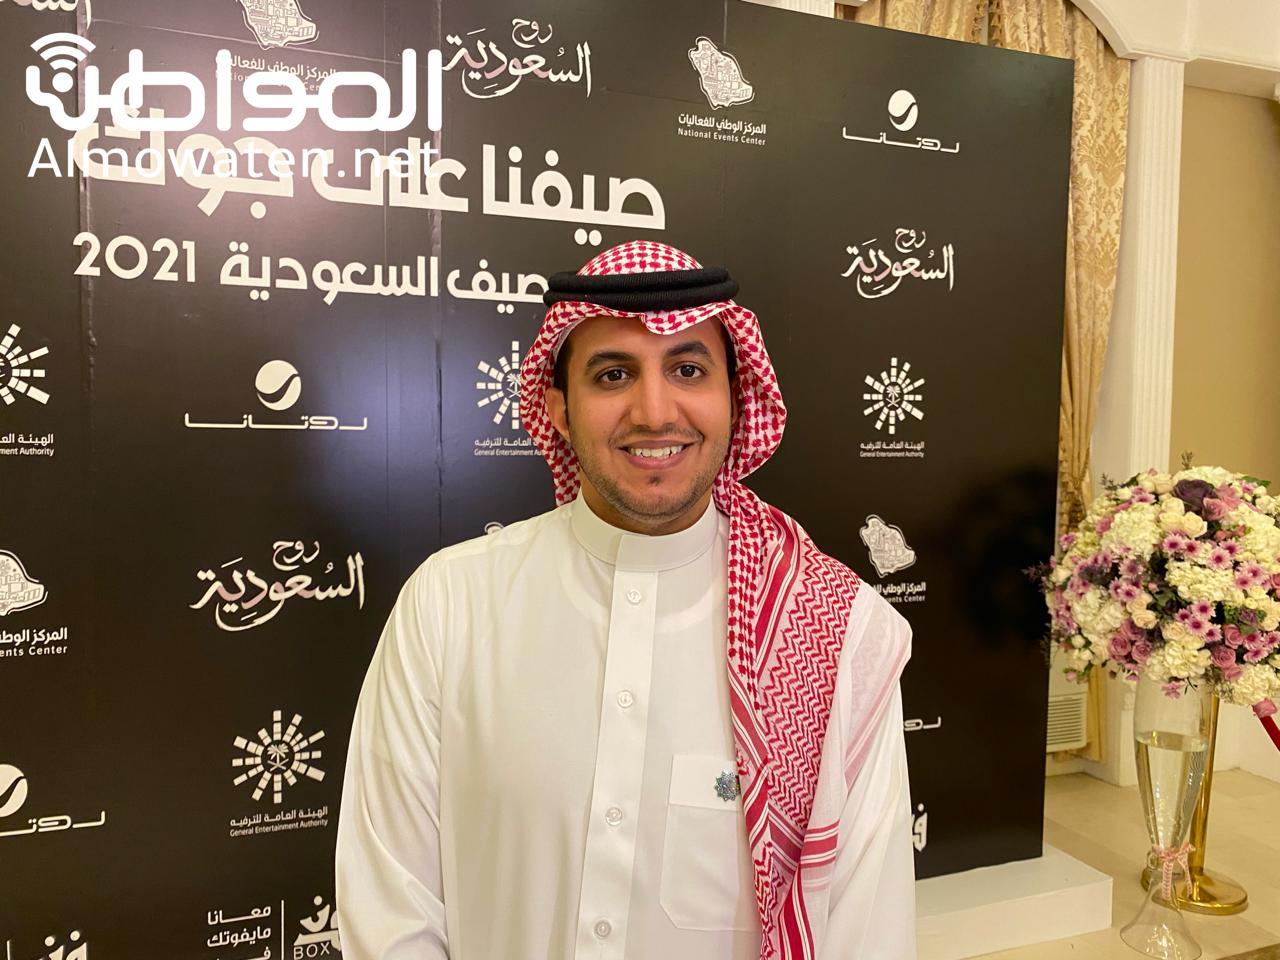 الفنان رامي عبدالله على مسرح طلال مداح في ابها